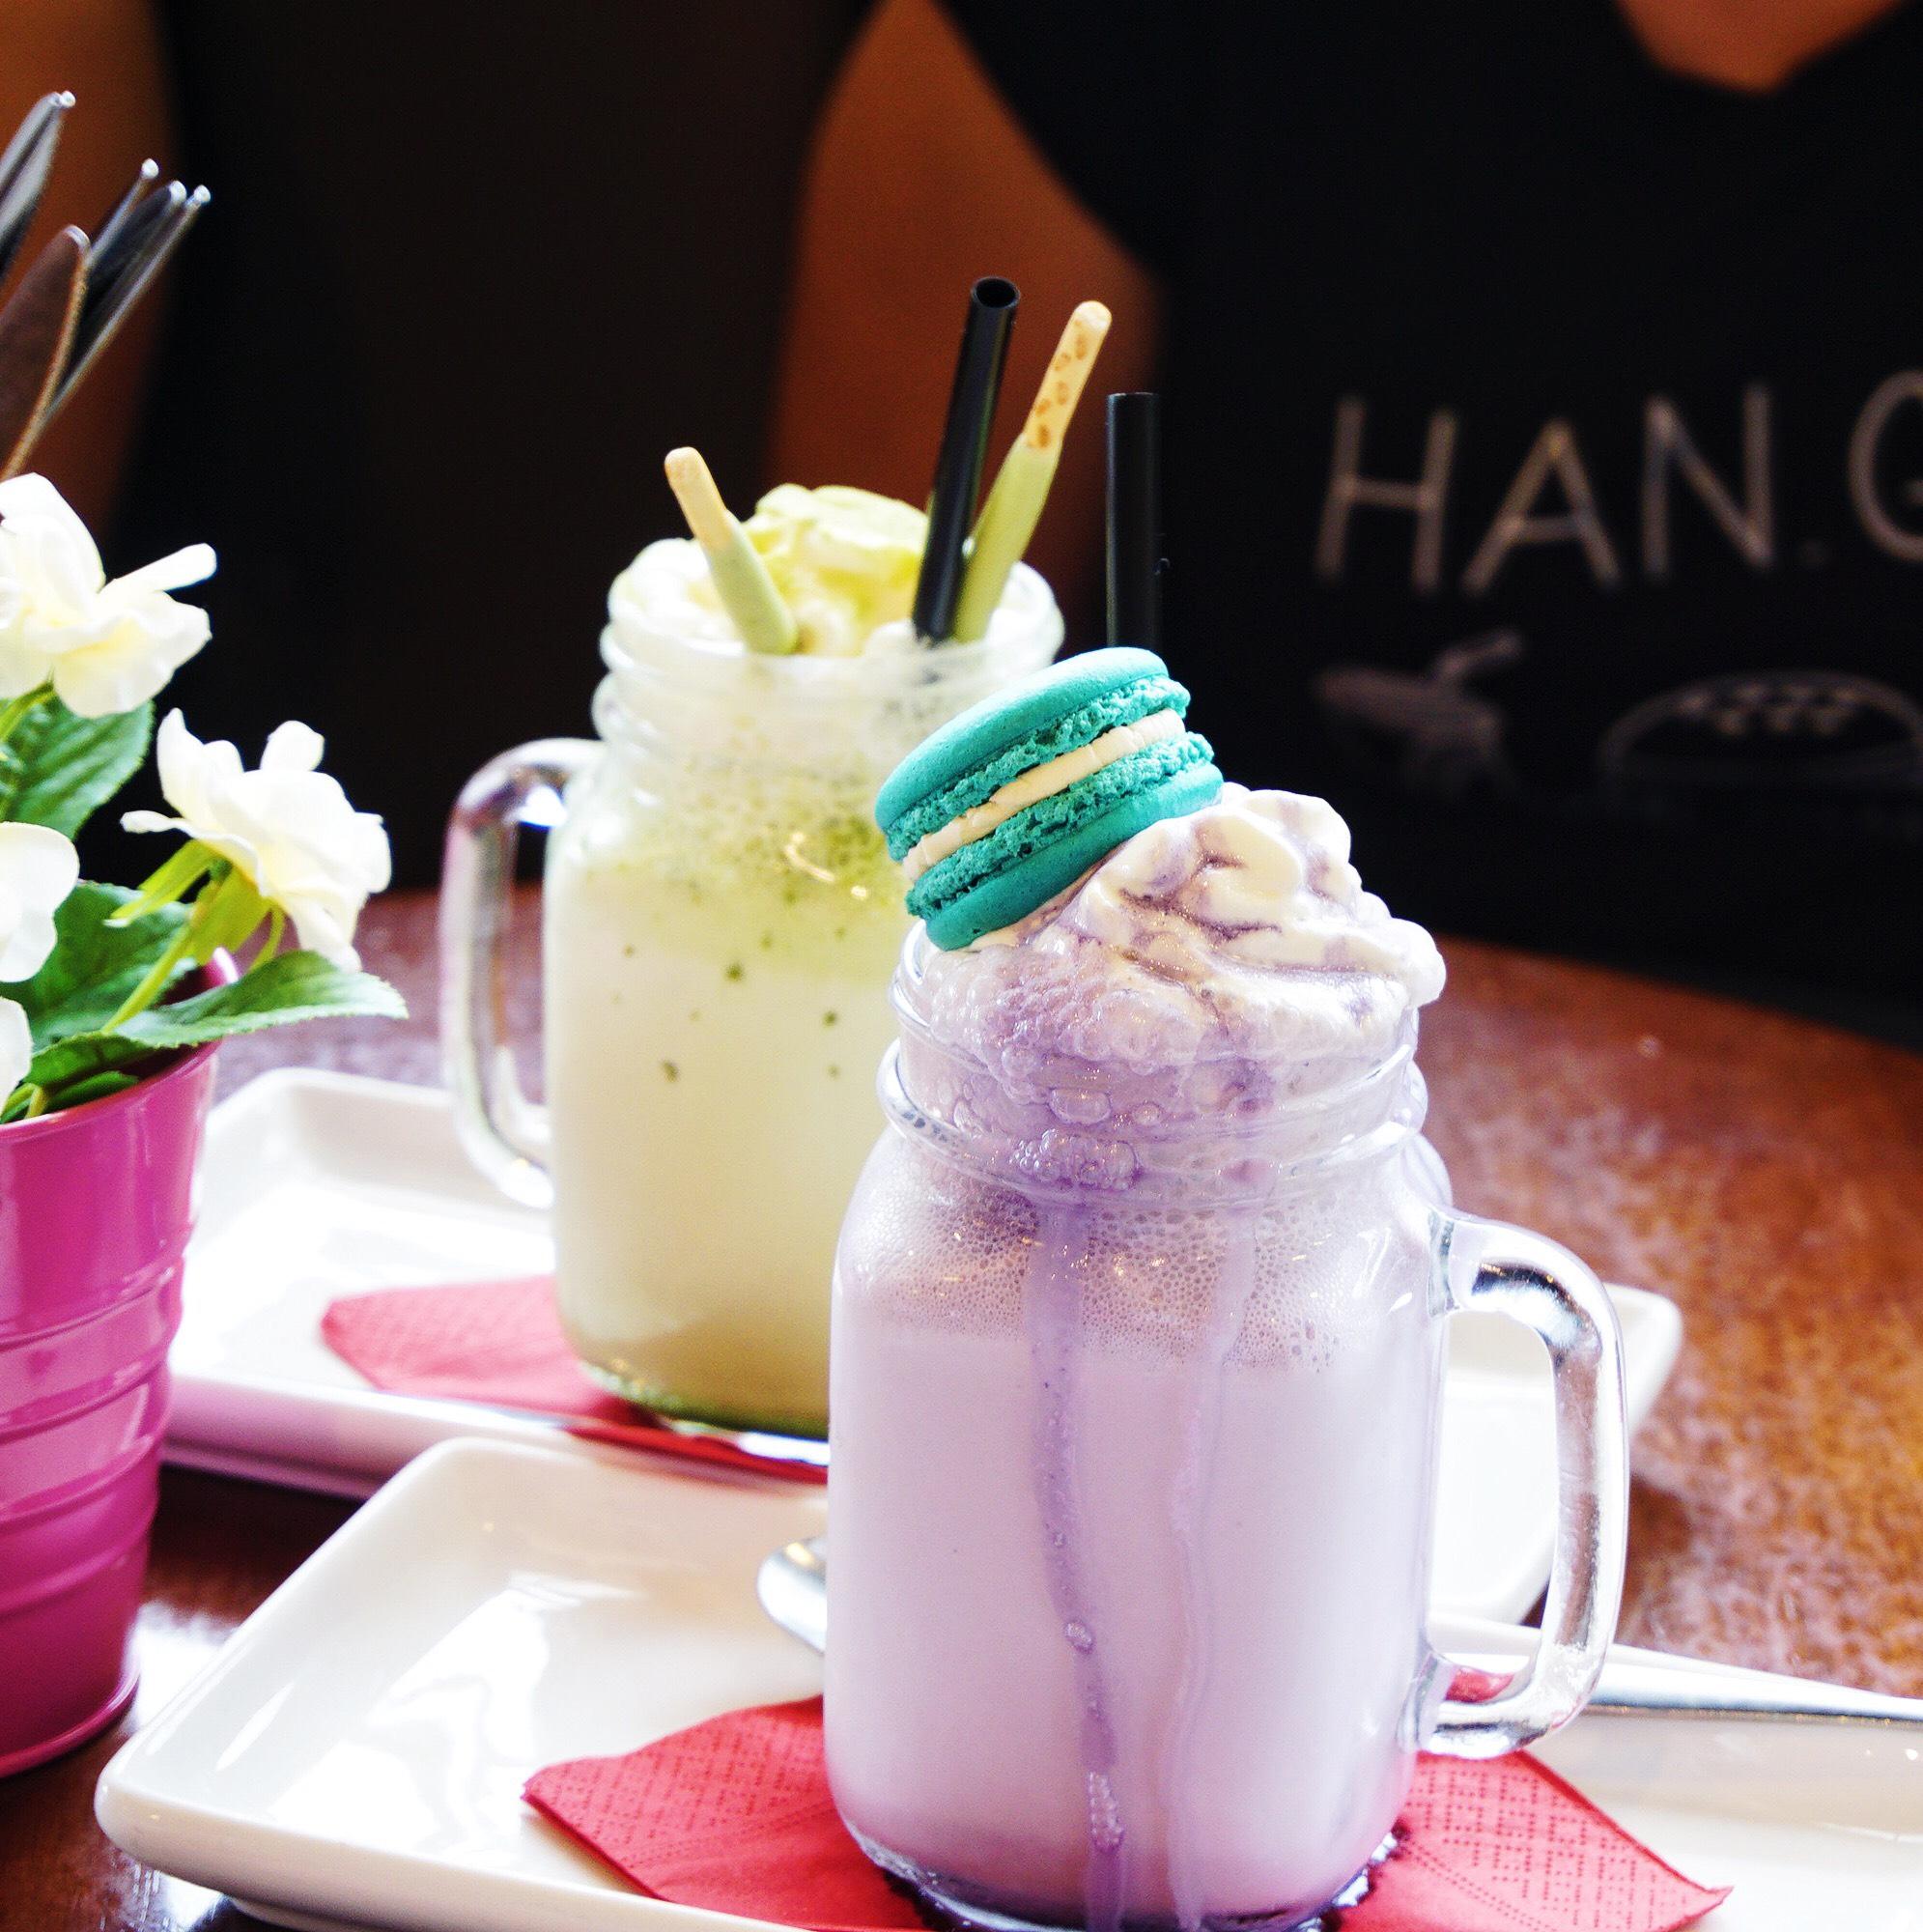 Matcha and taro milkshakes (yum!)